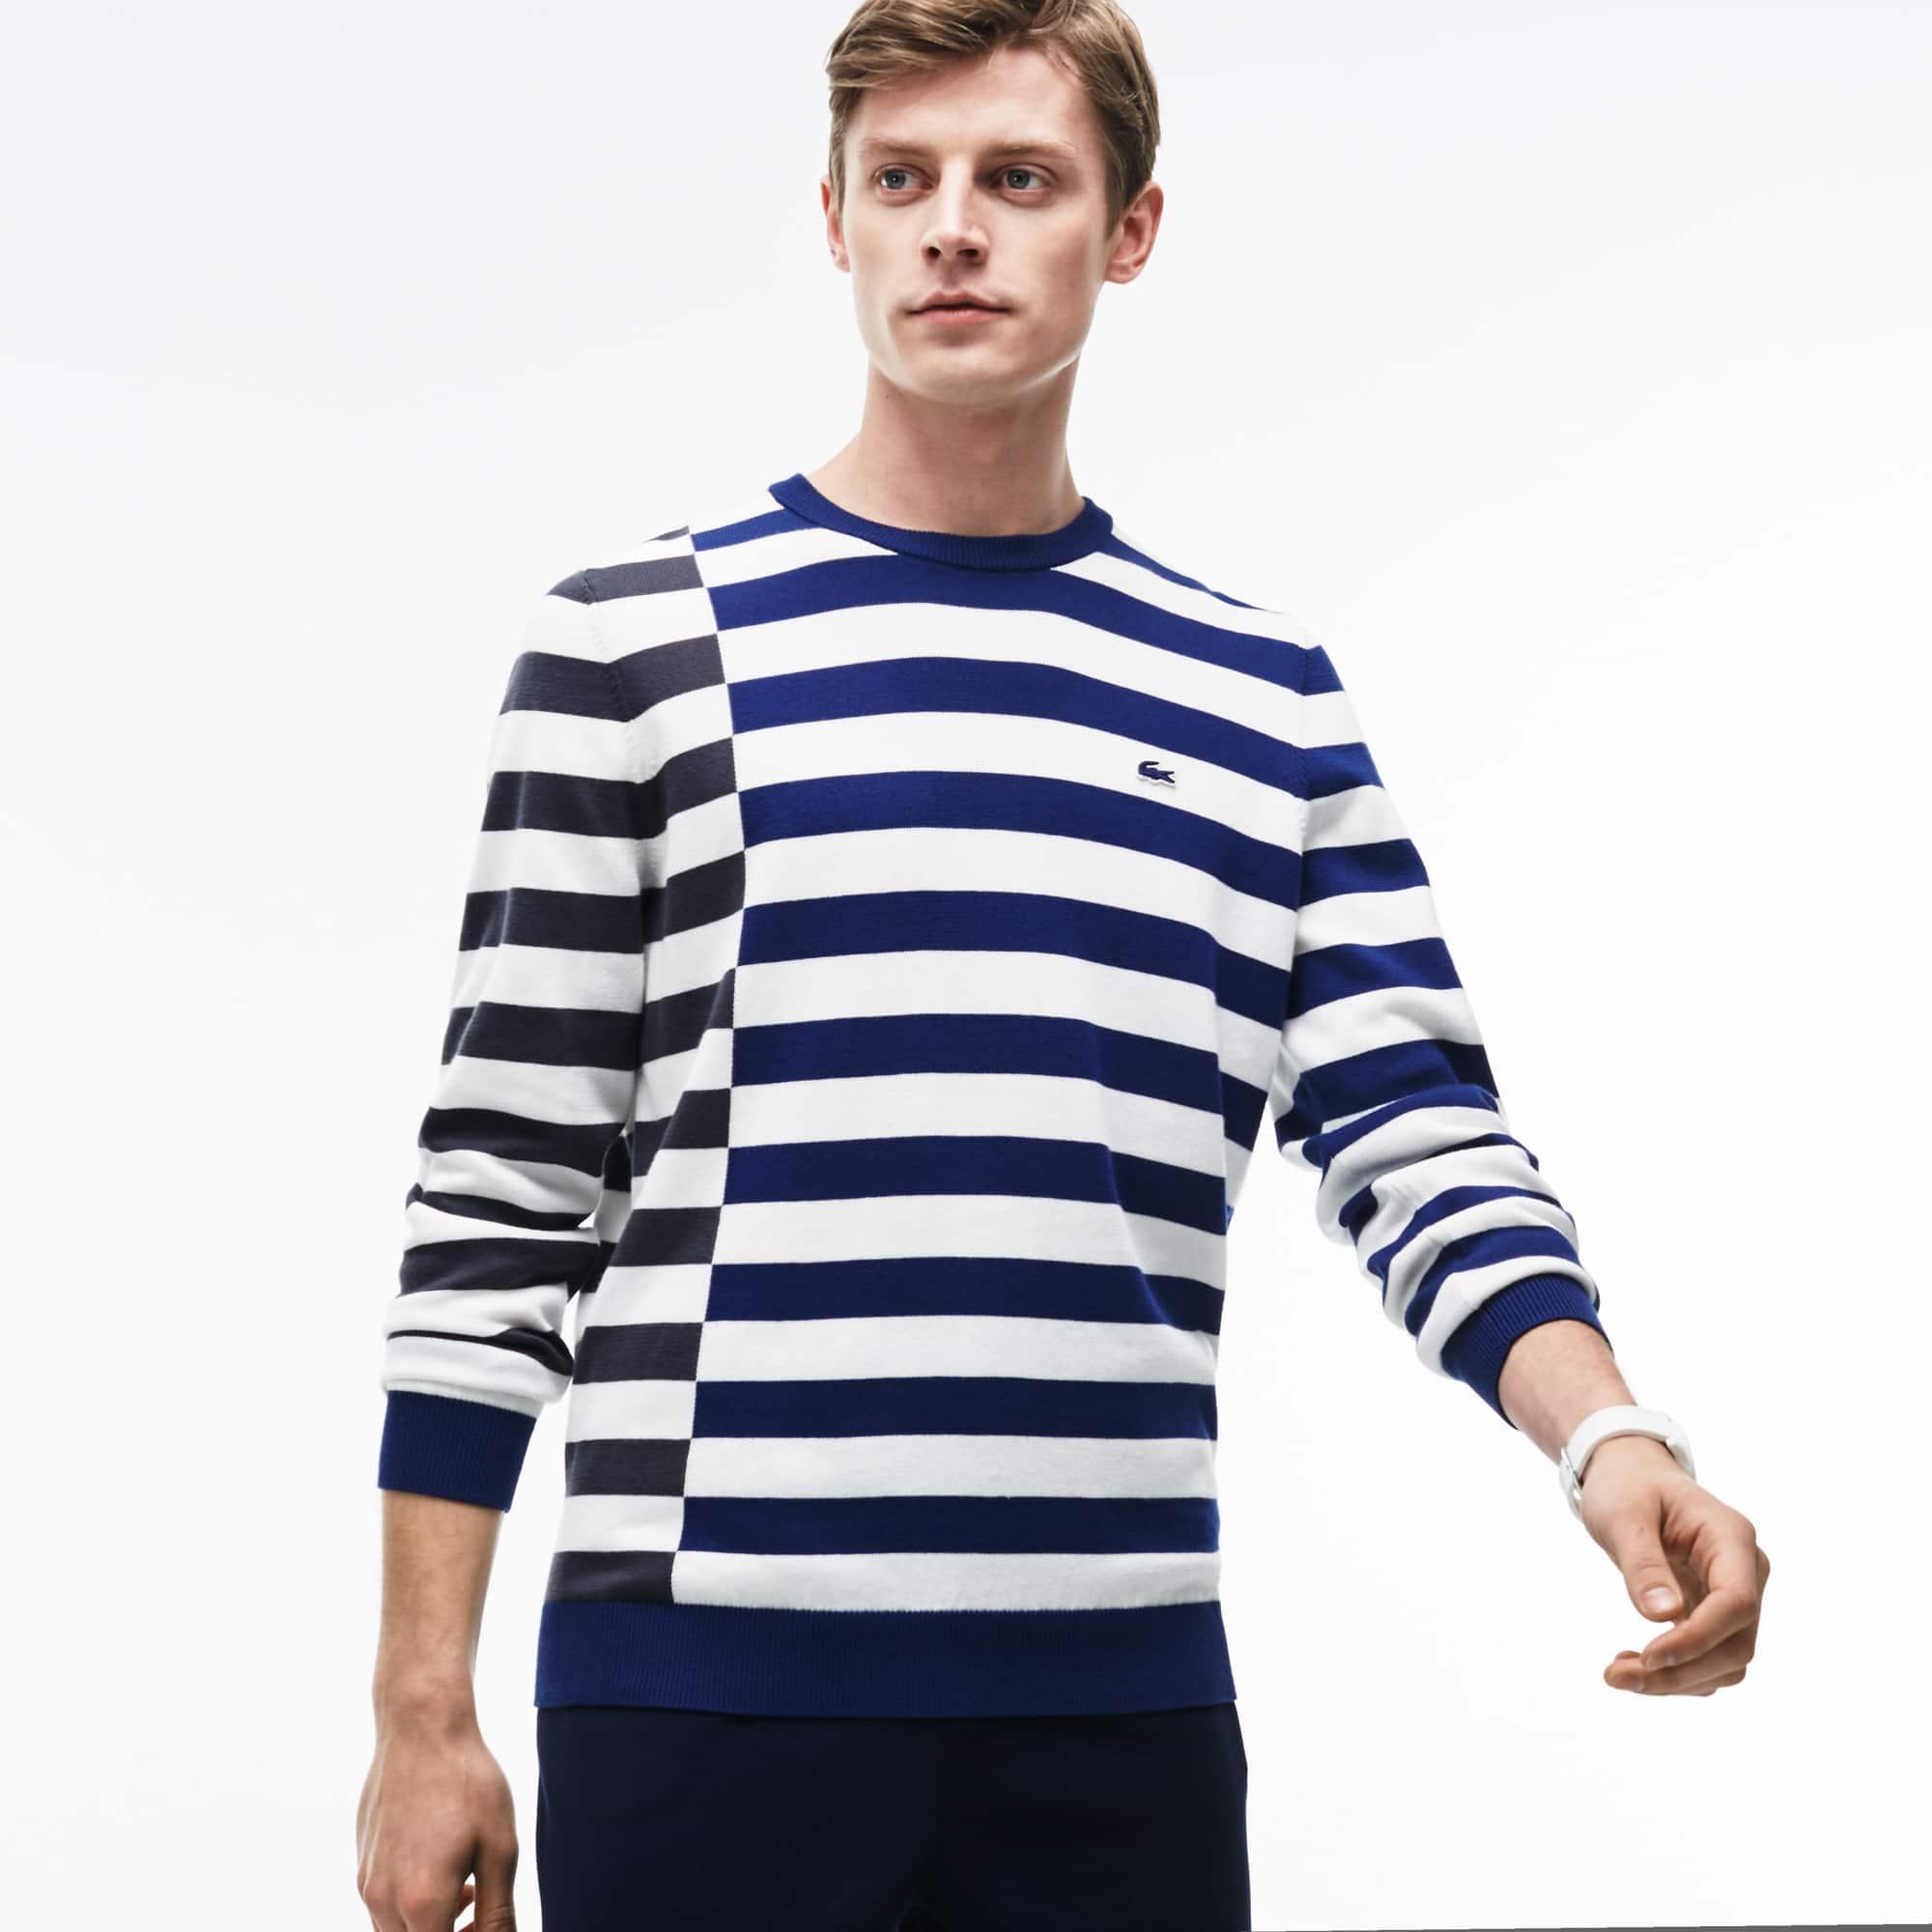 Men's Crew Neck Off-Center Stripes Cotton T-shirt